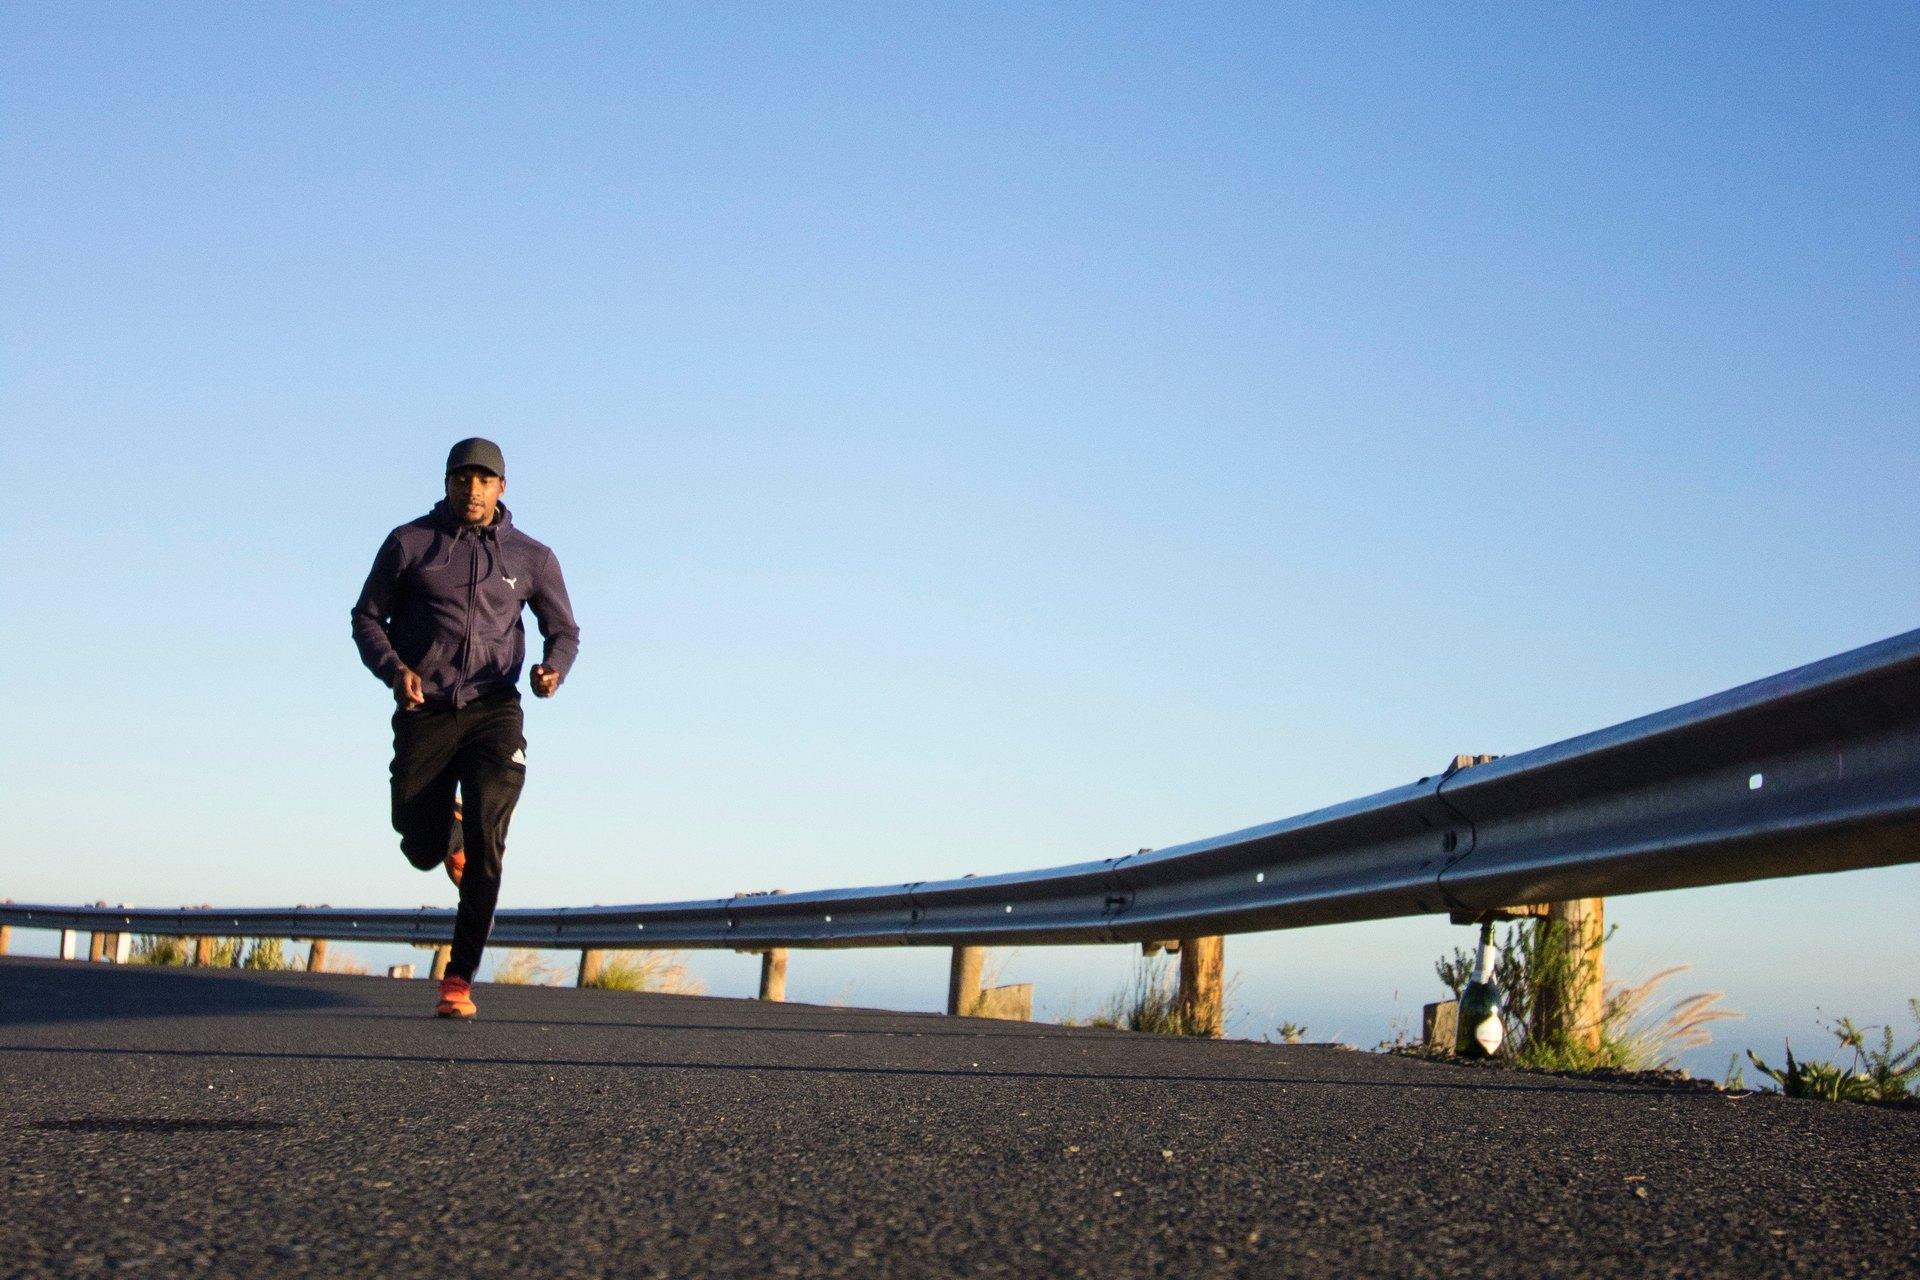 wiosenna aktywnosc dla mezczyzn bieganie